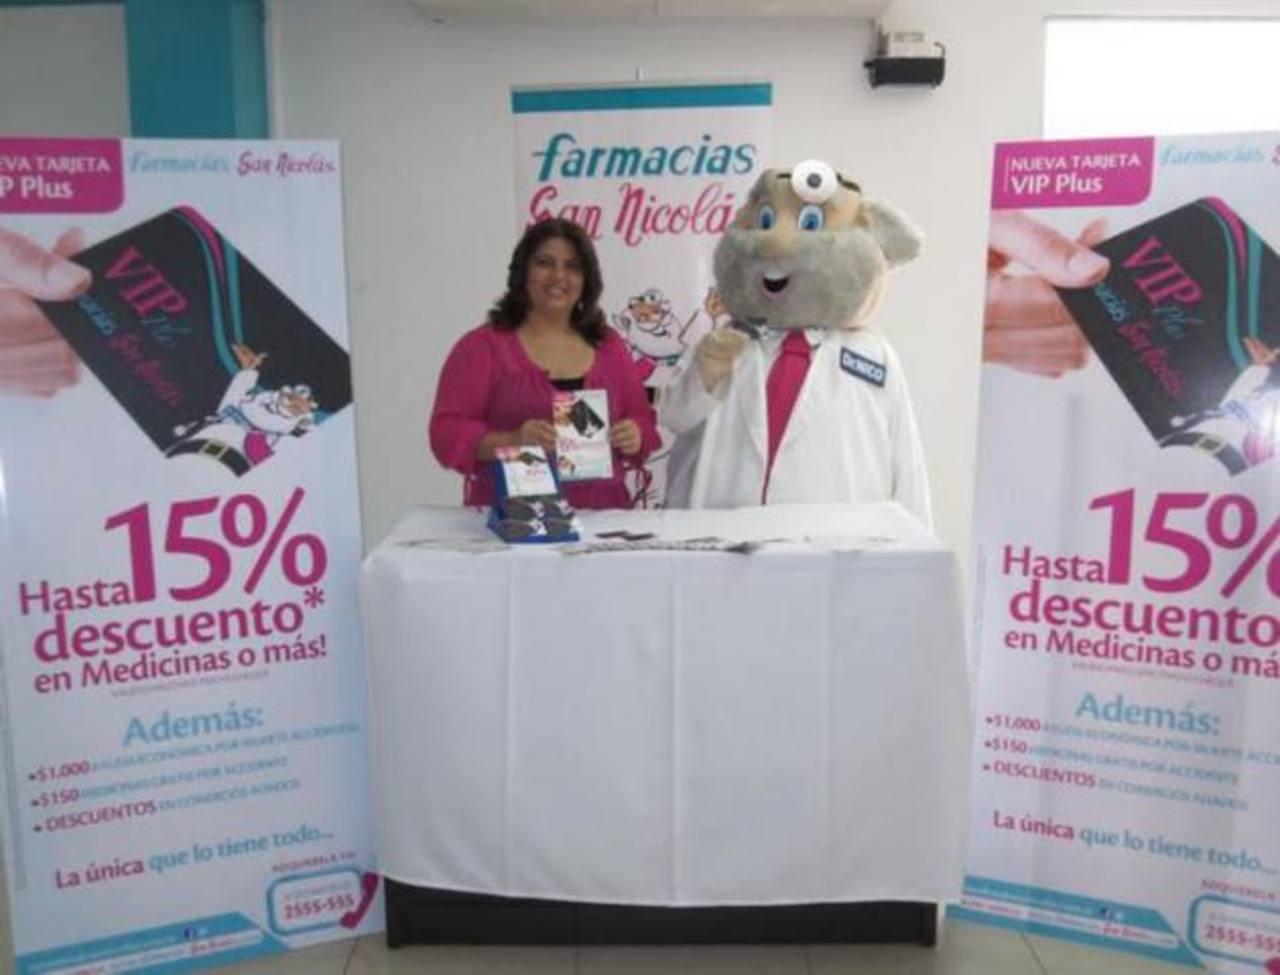 Farmacias San Nicolás renueva su imagen y amplia beneficios en tarjeta cliente